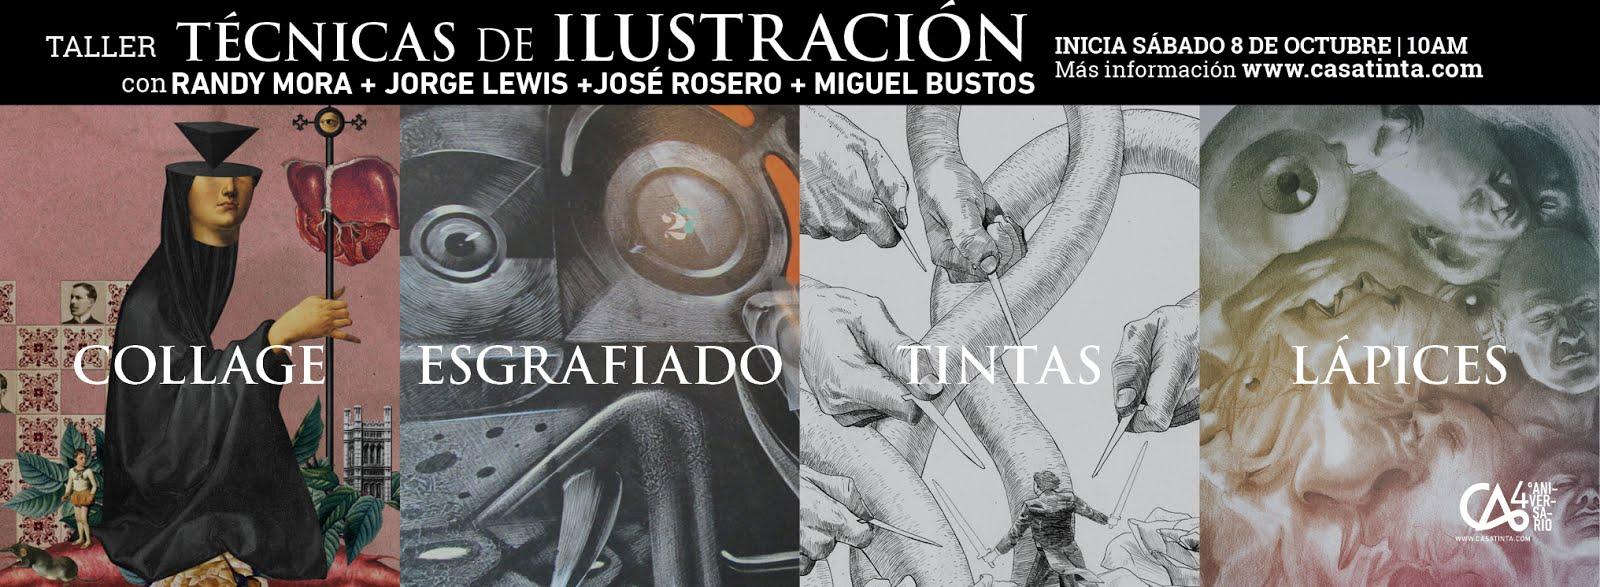 TÉCNICAS de ILUSTRACIÓN // 8 de oct